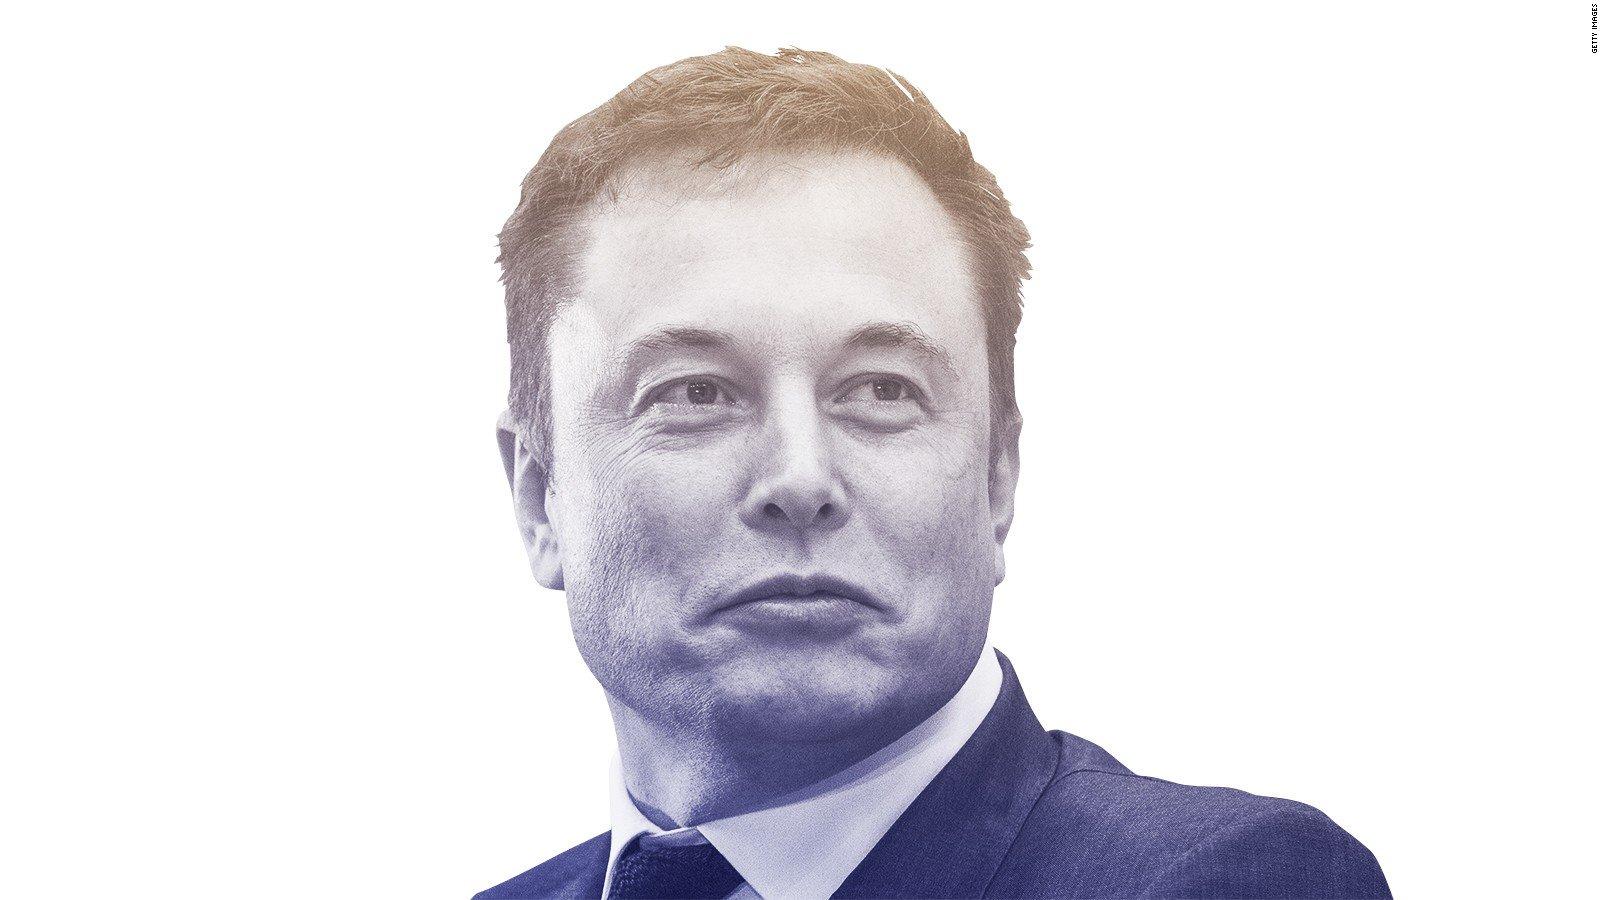 Elon Musk, süni zəkanı, Şimali Koreyadan daha böyük təhlükə kimi görür